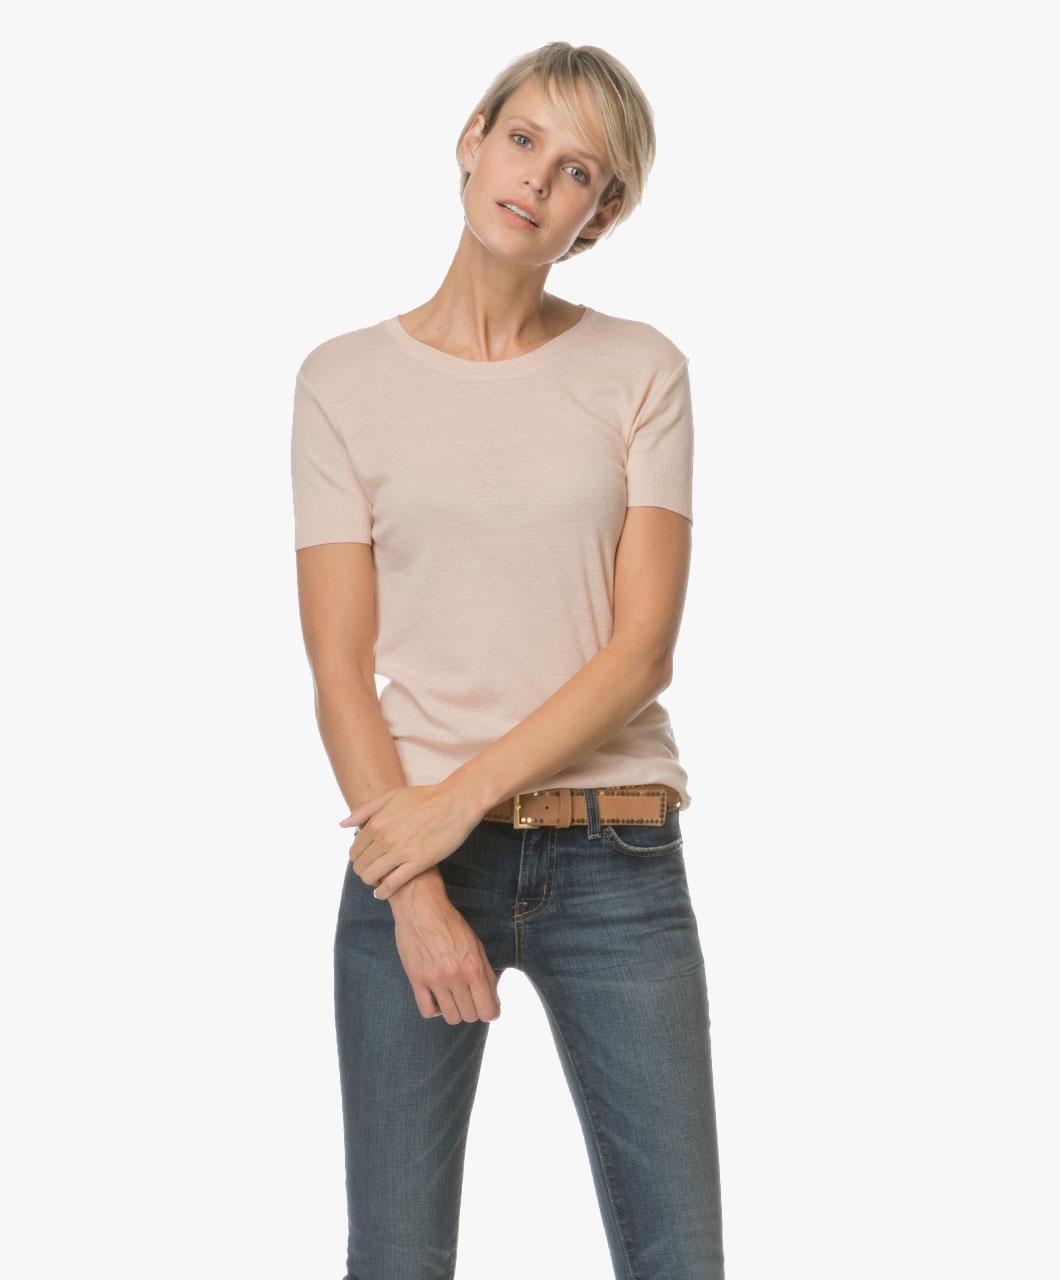 Majestic Cashmeremix T Shirt Rose Nepal H17 05 19 851